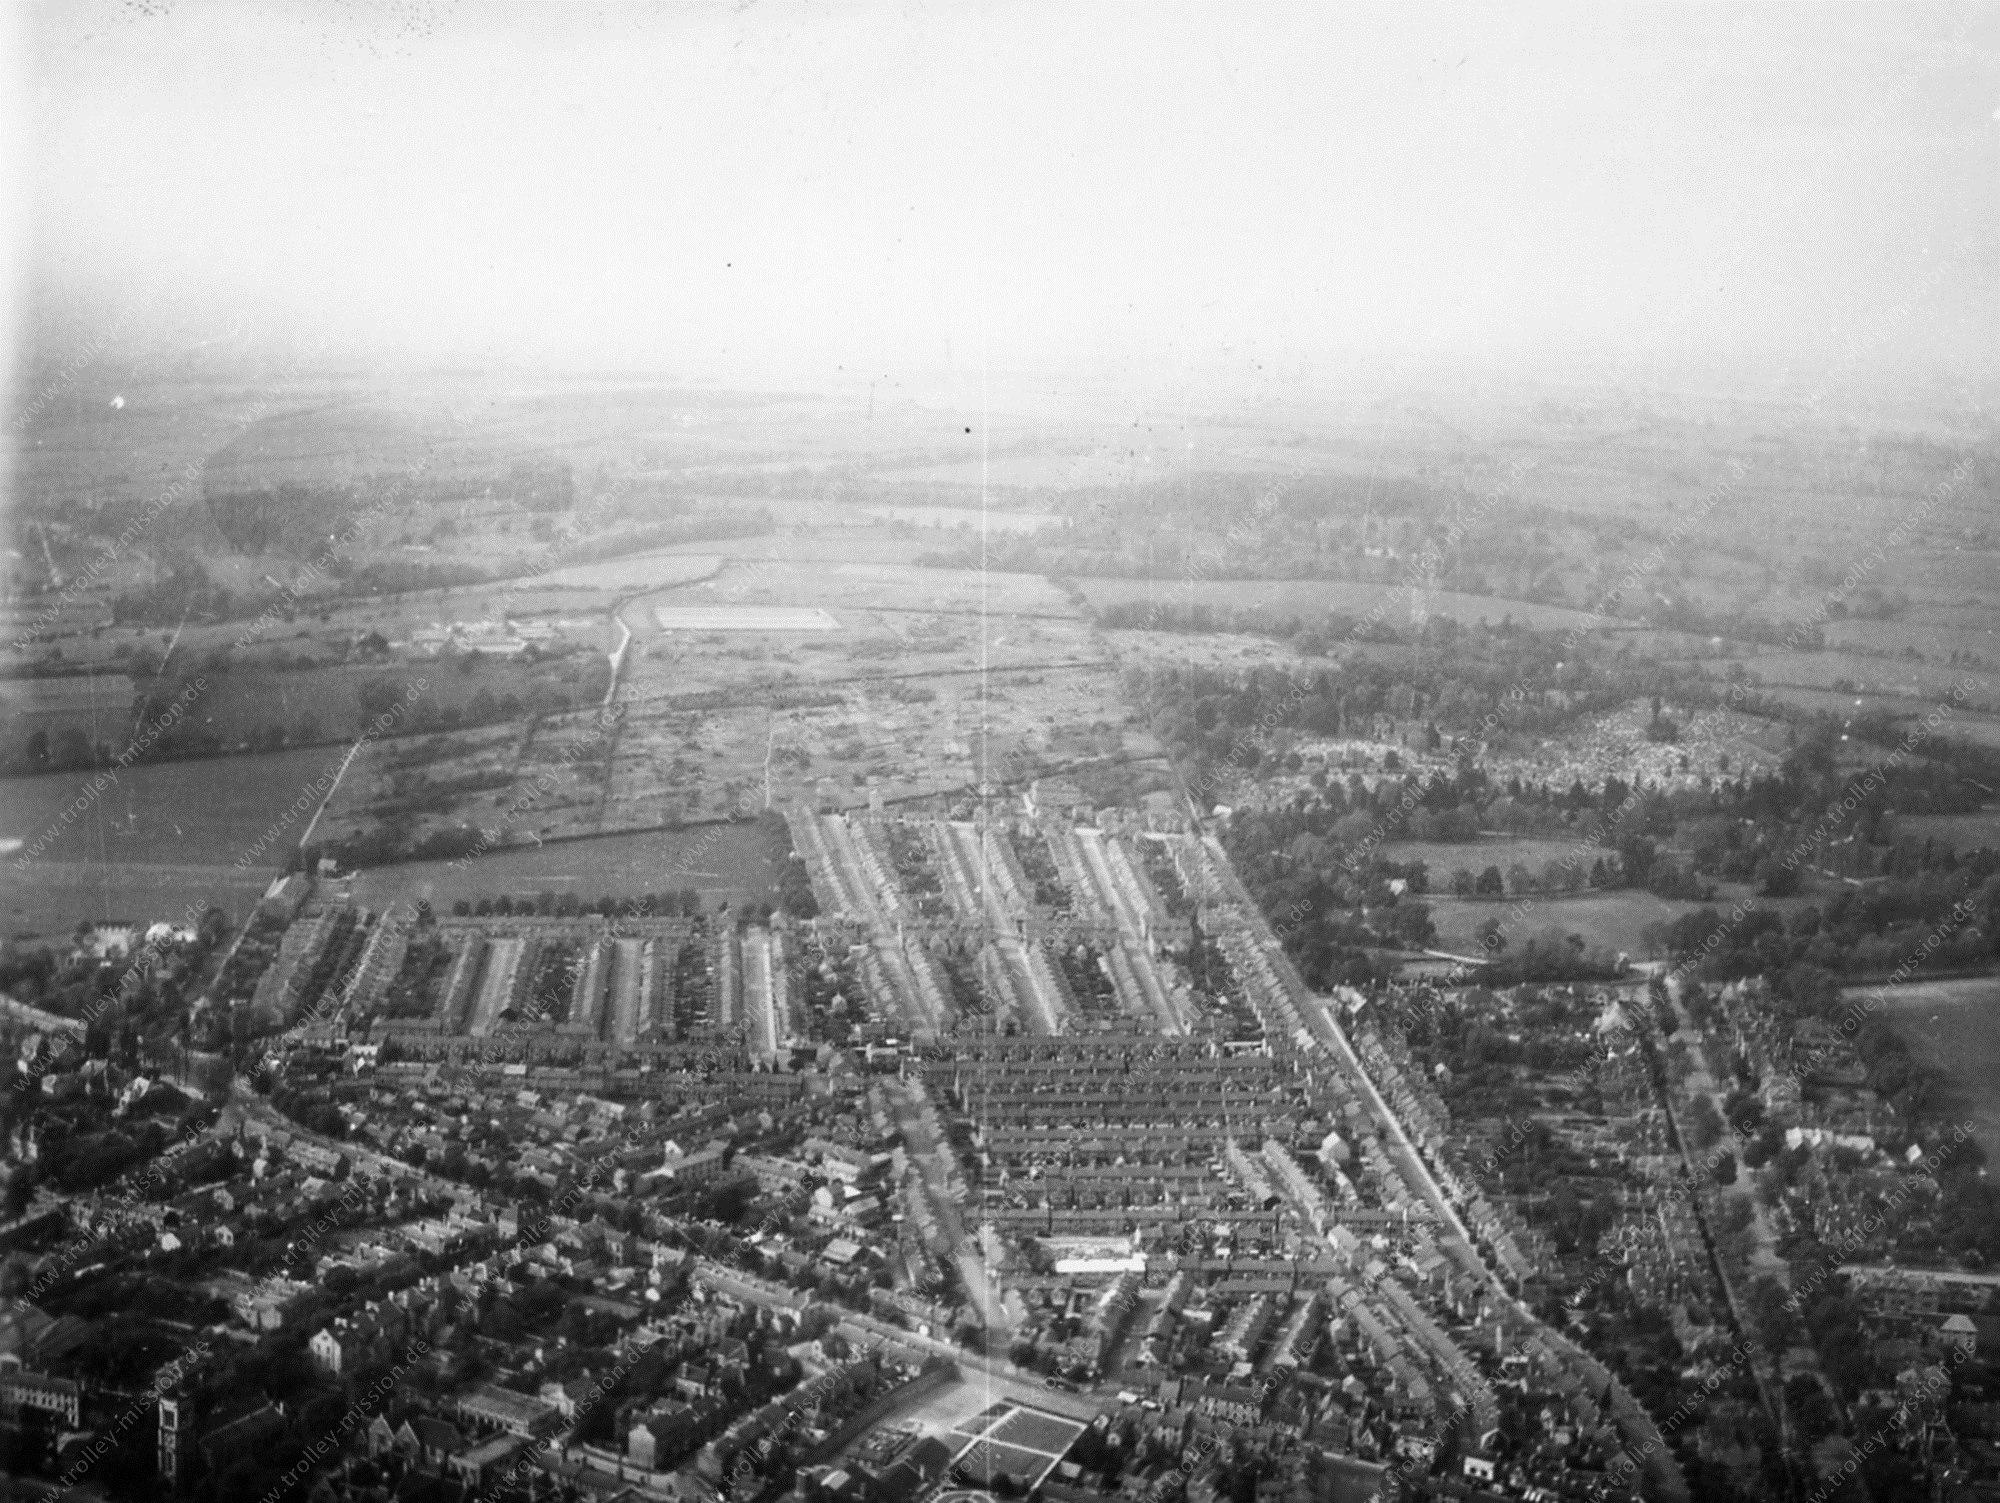 Luftbild von Bedford in der Grafschaft Bedfordshire (England)